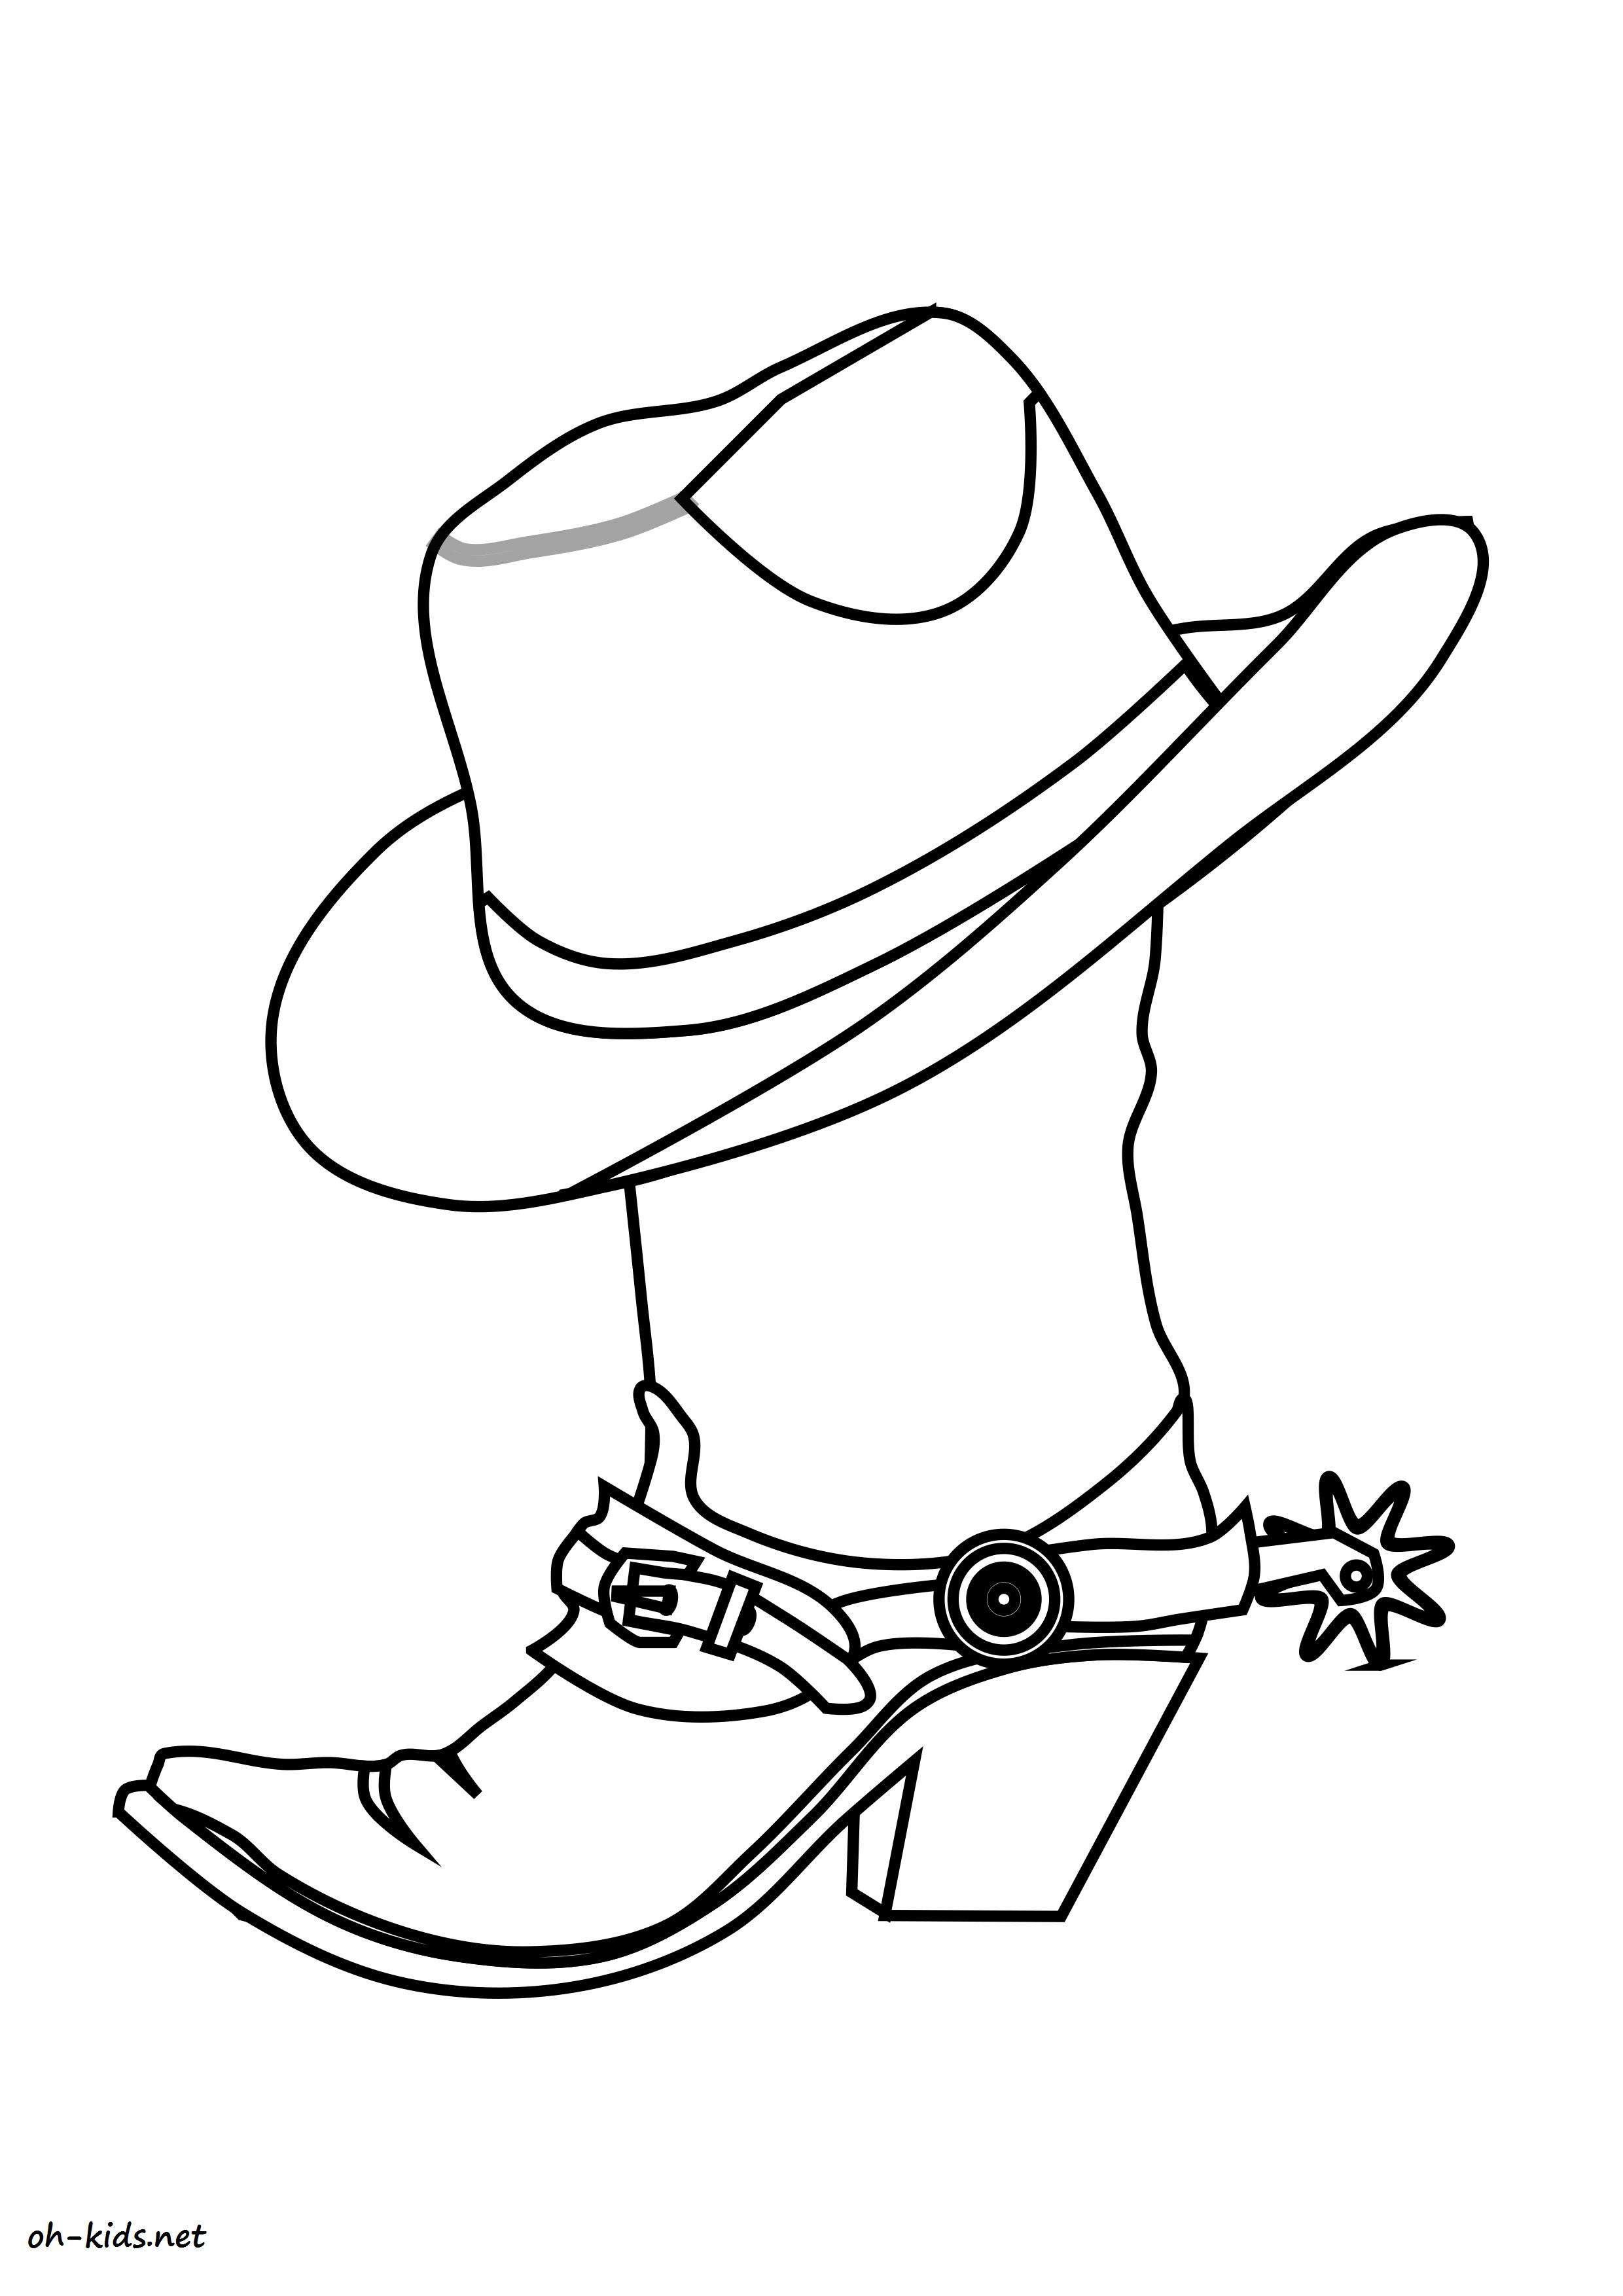 Dessin 1512 Coloriage Cowboy à Imprimer Oh Kidsnet